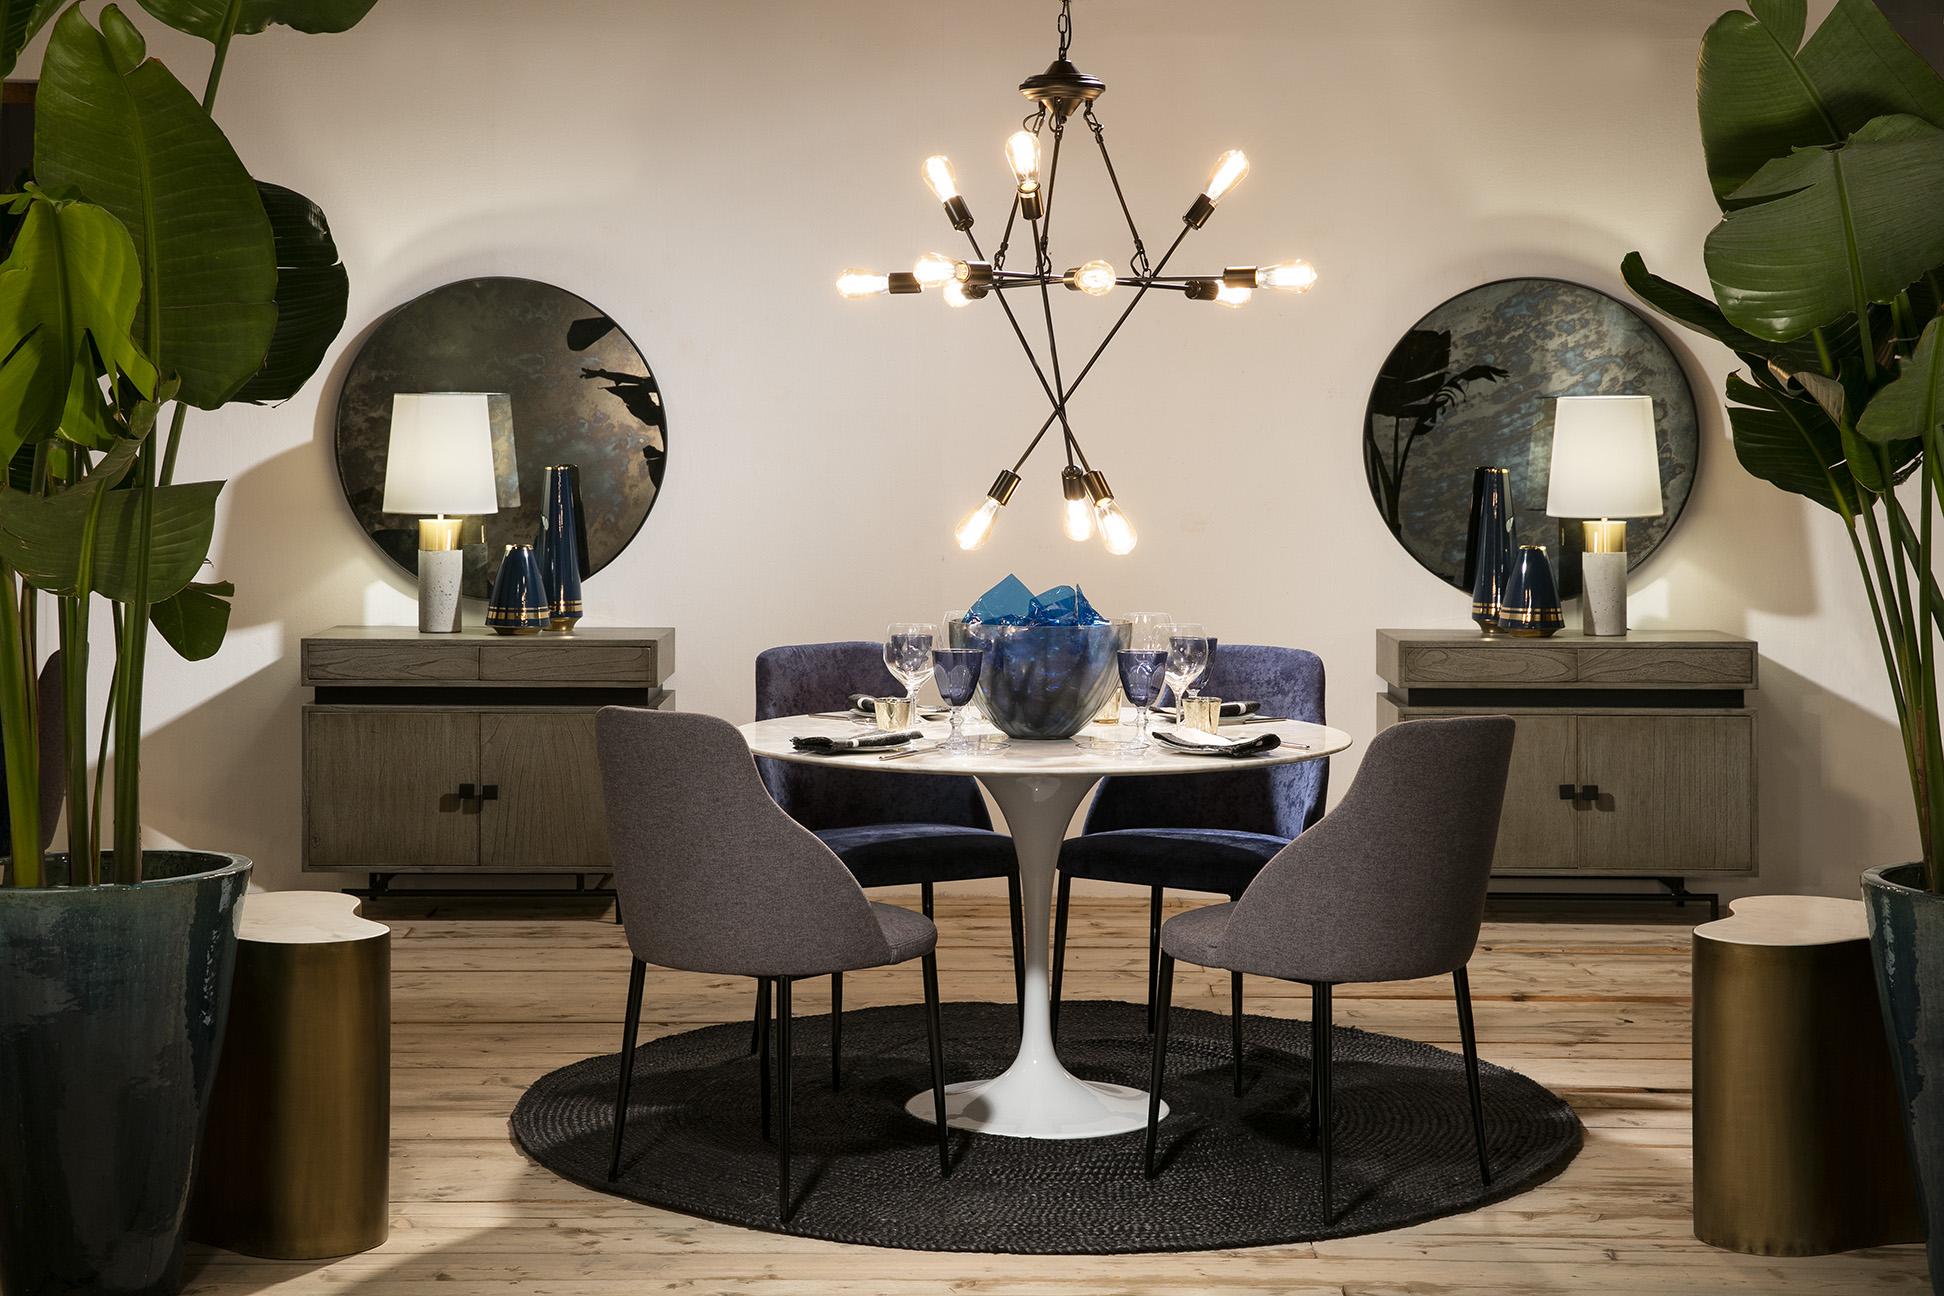 mesas-de-comedor-y-sillas-General-muebles-paco-caballero-2232-5c9a536a02e04